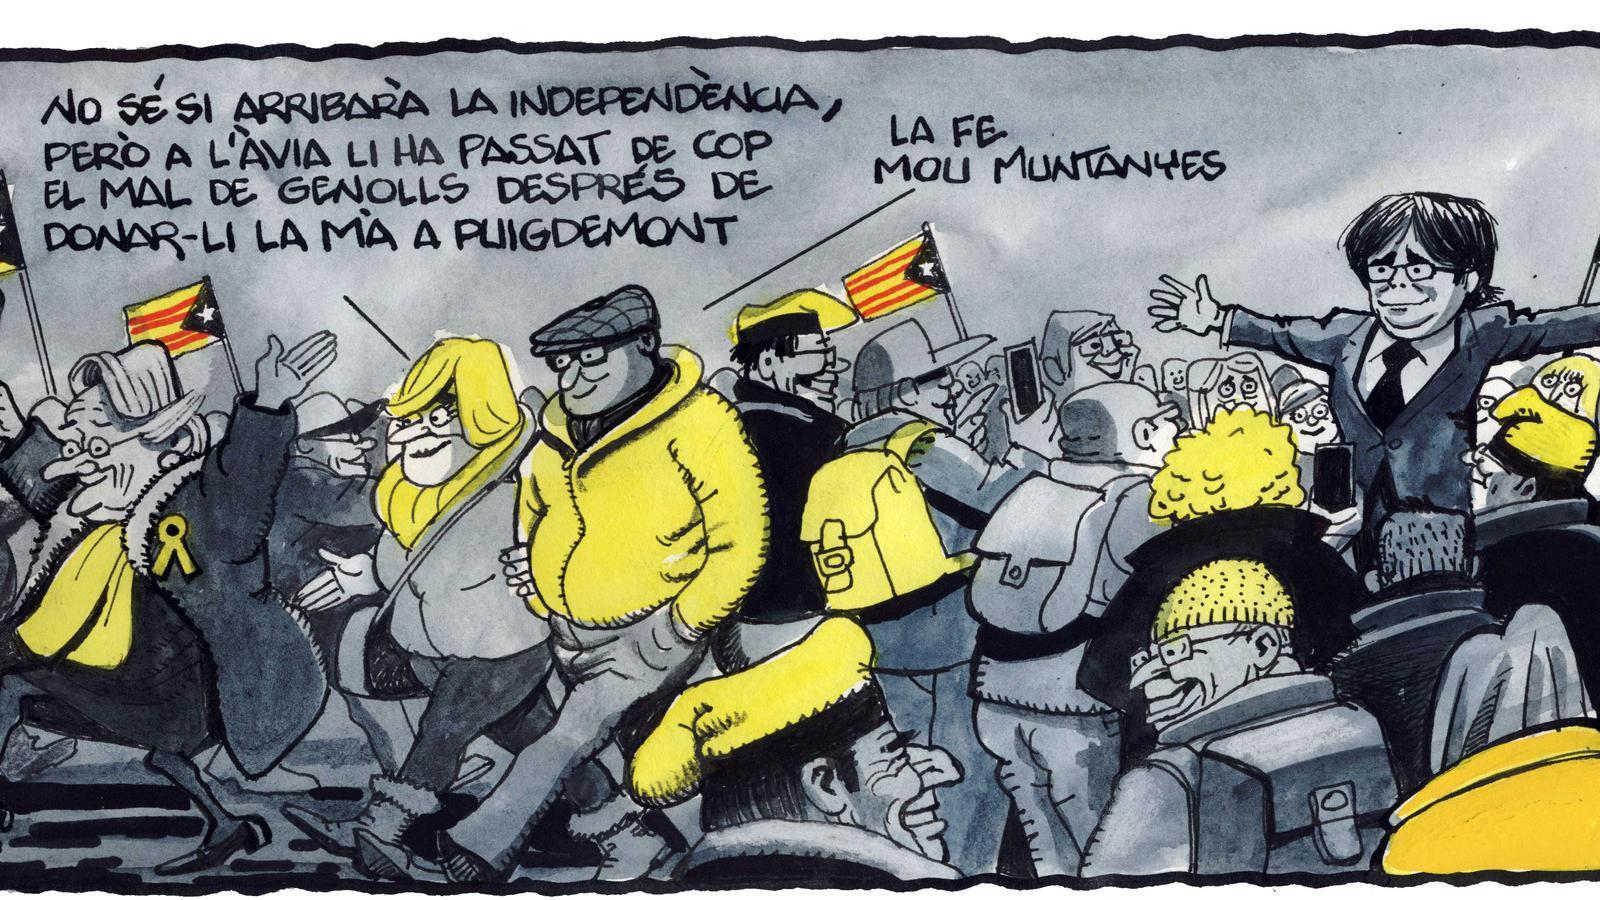 'A la contra', per Ferreres 29/02/2020